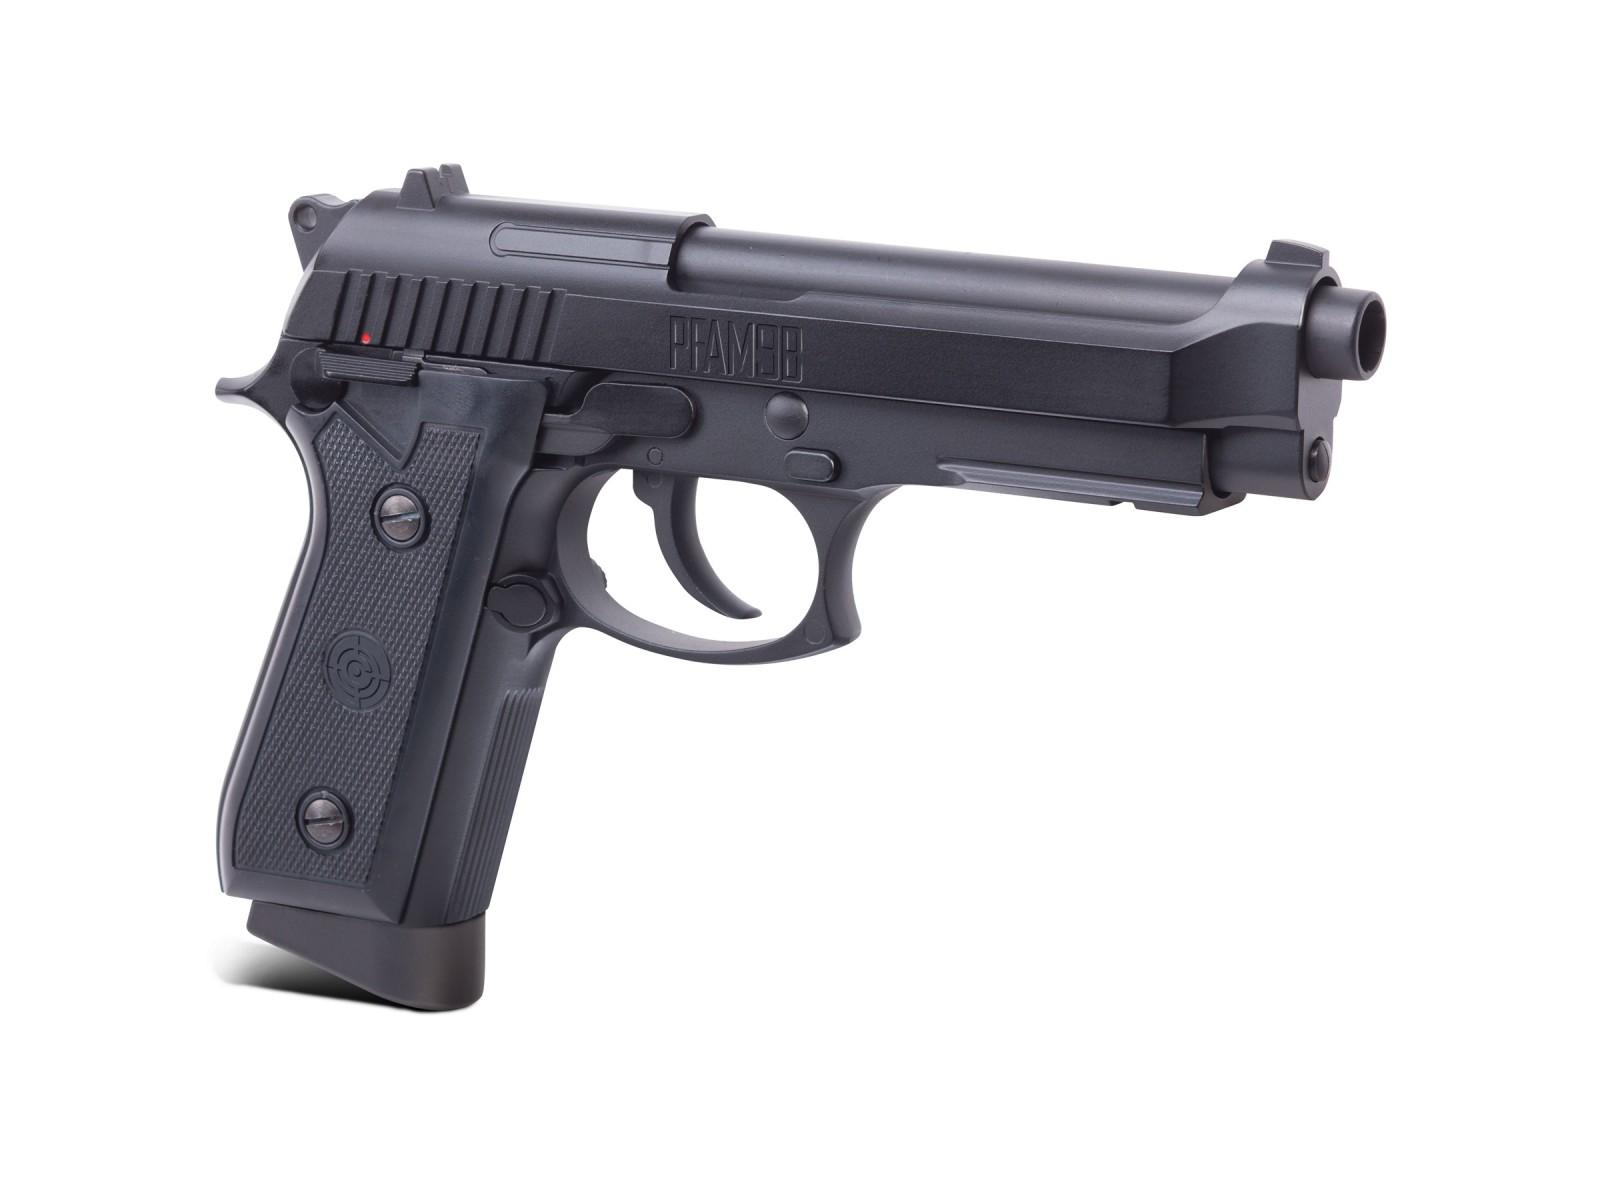 Crosman PFAM9B BB Pistol